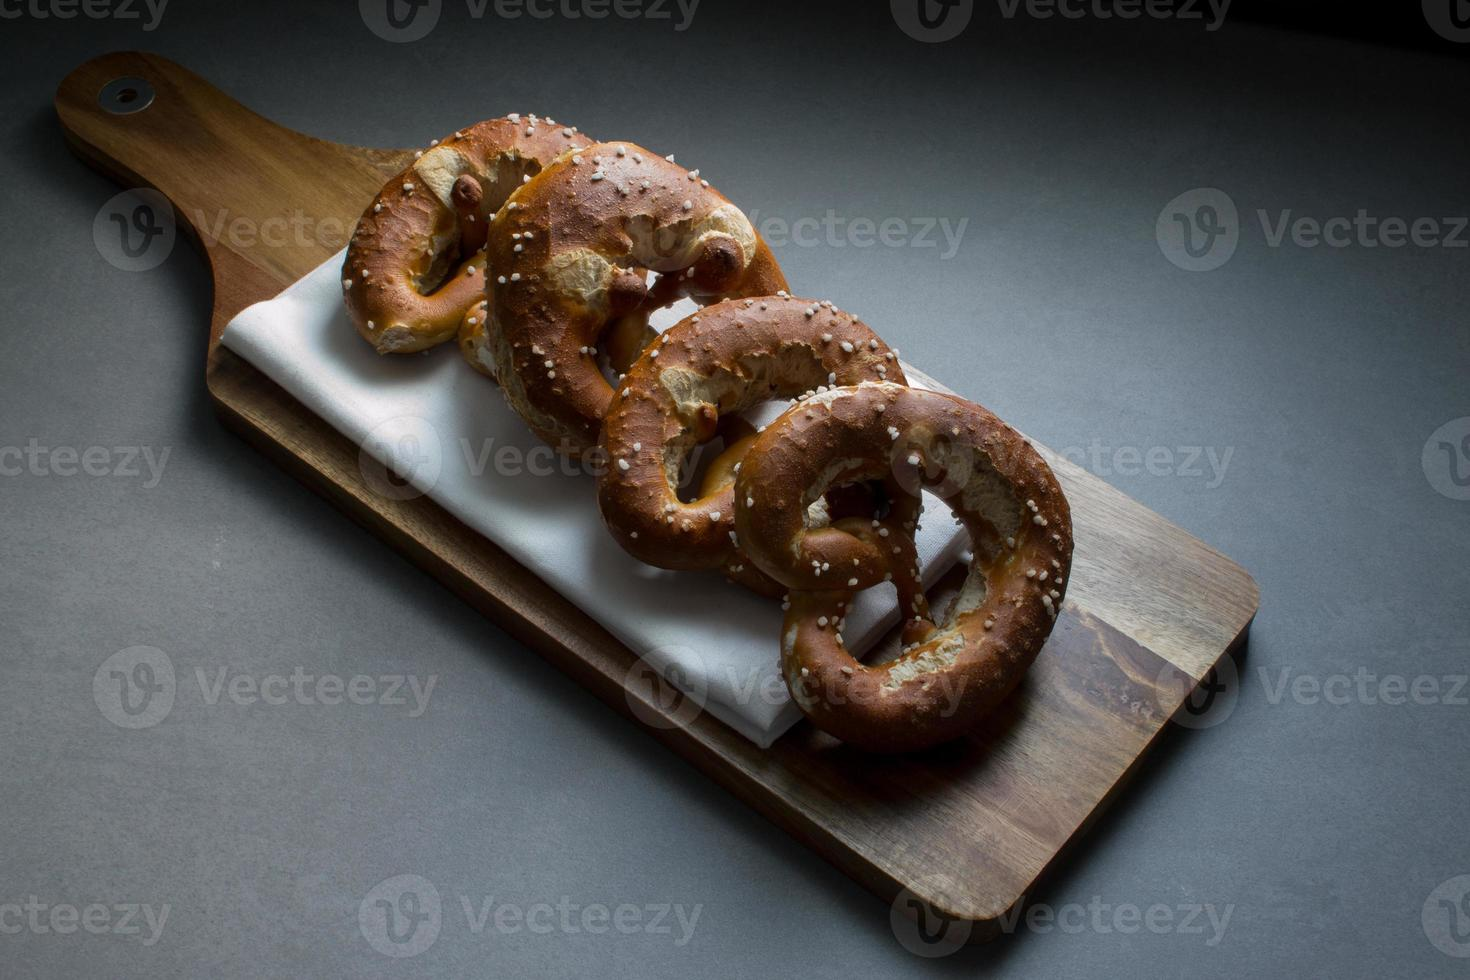 Breze/brezn/pretzels on a breadboard photo